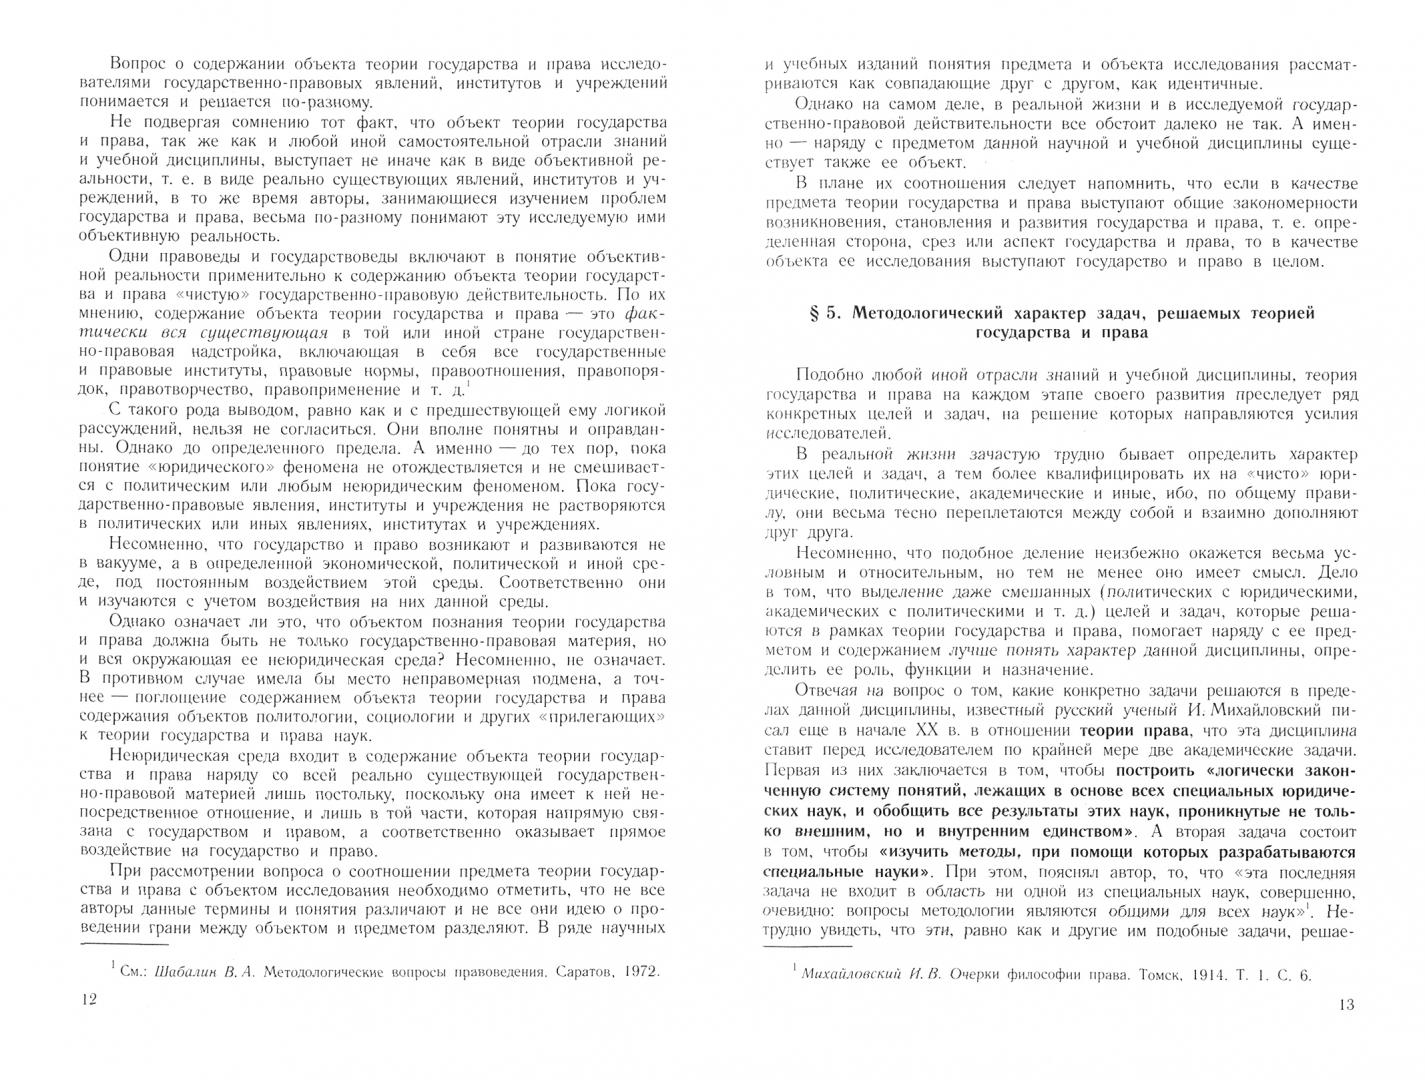 Иллюстрация 1 из 16 для Теория государства и права. Учебник - Михаил Марченко | Лабиринт - книги. Источник: Лабиринт